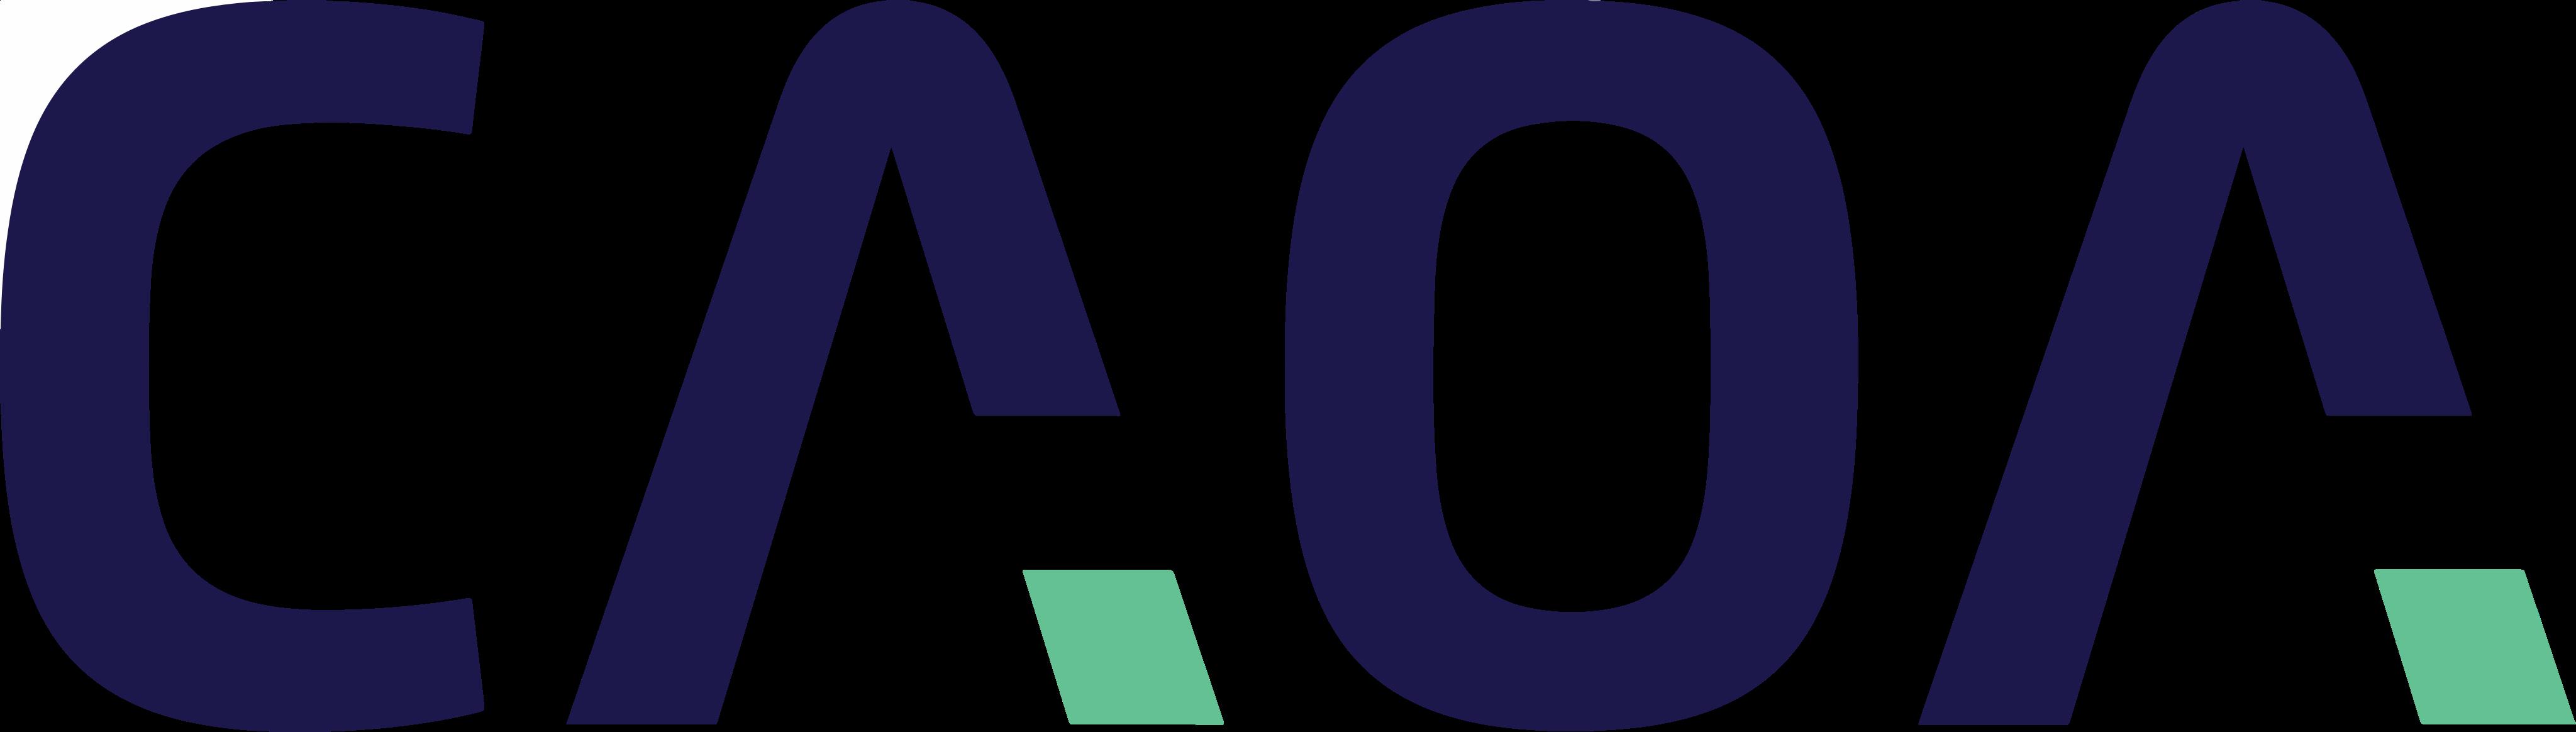 logo-caoa